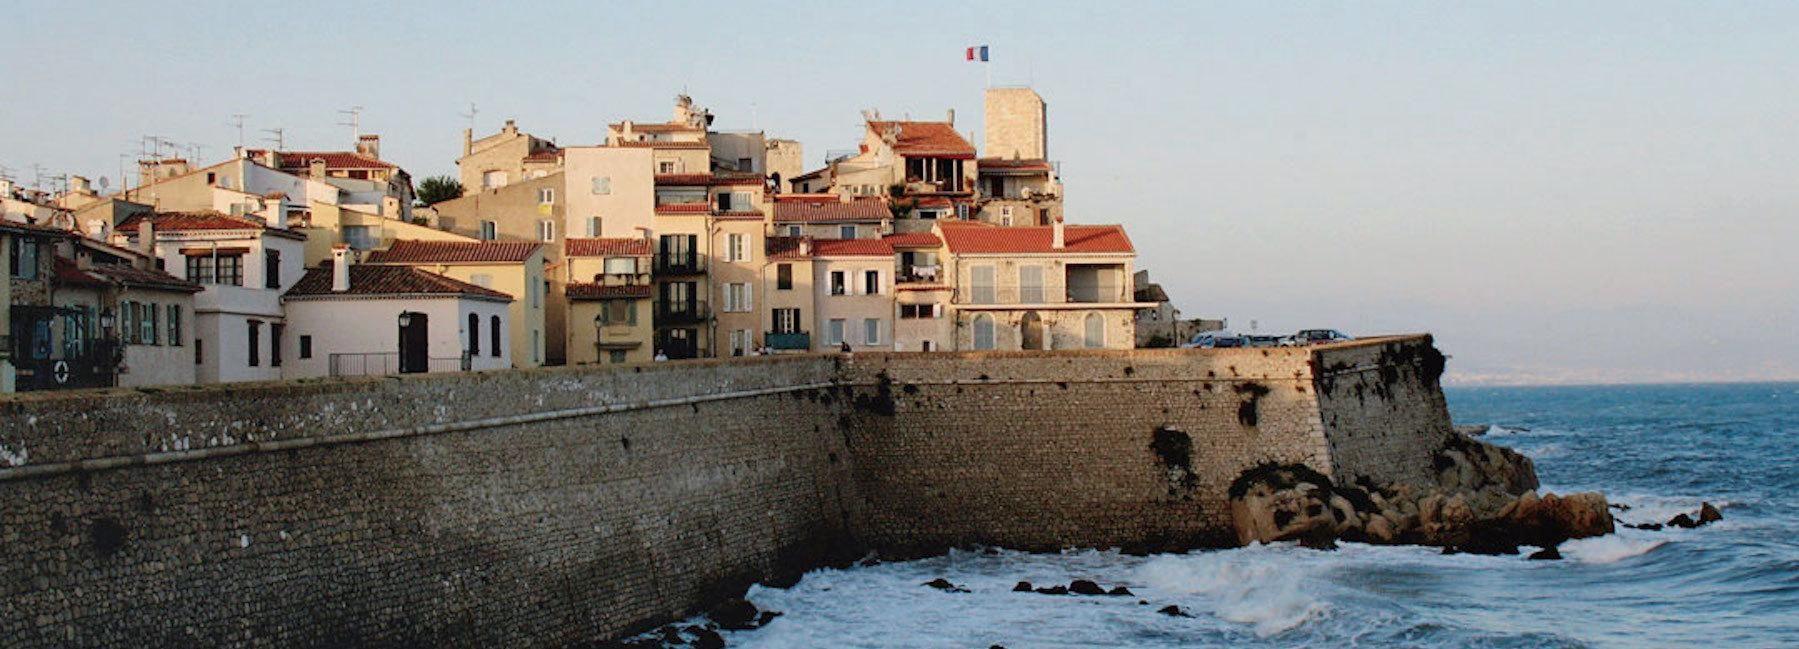 Depuis Nice: visite de Cannes et Antibes